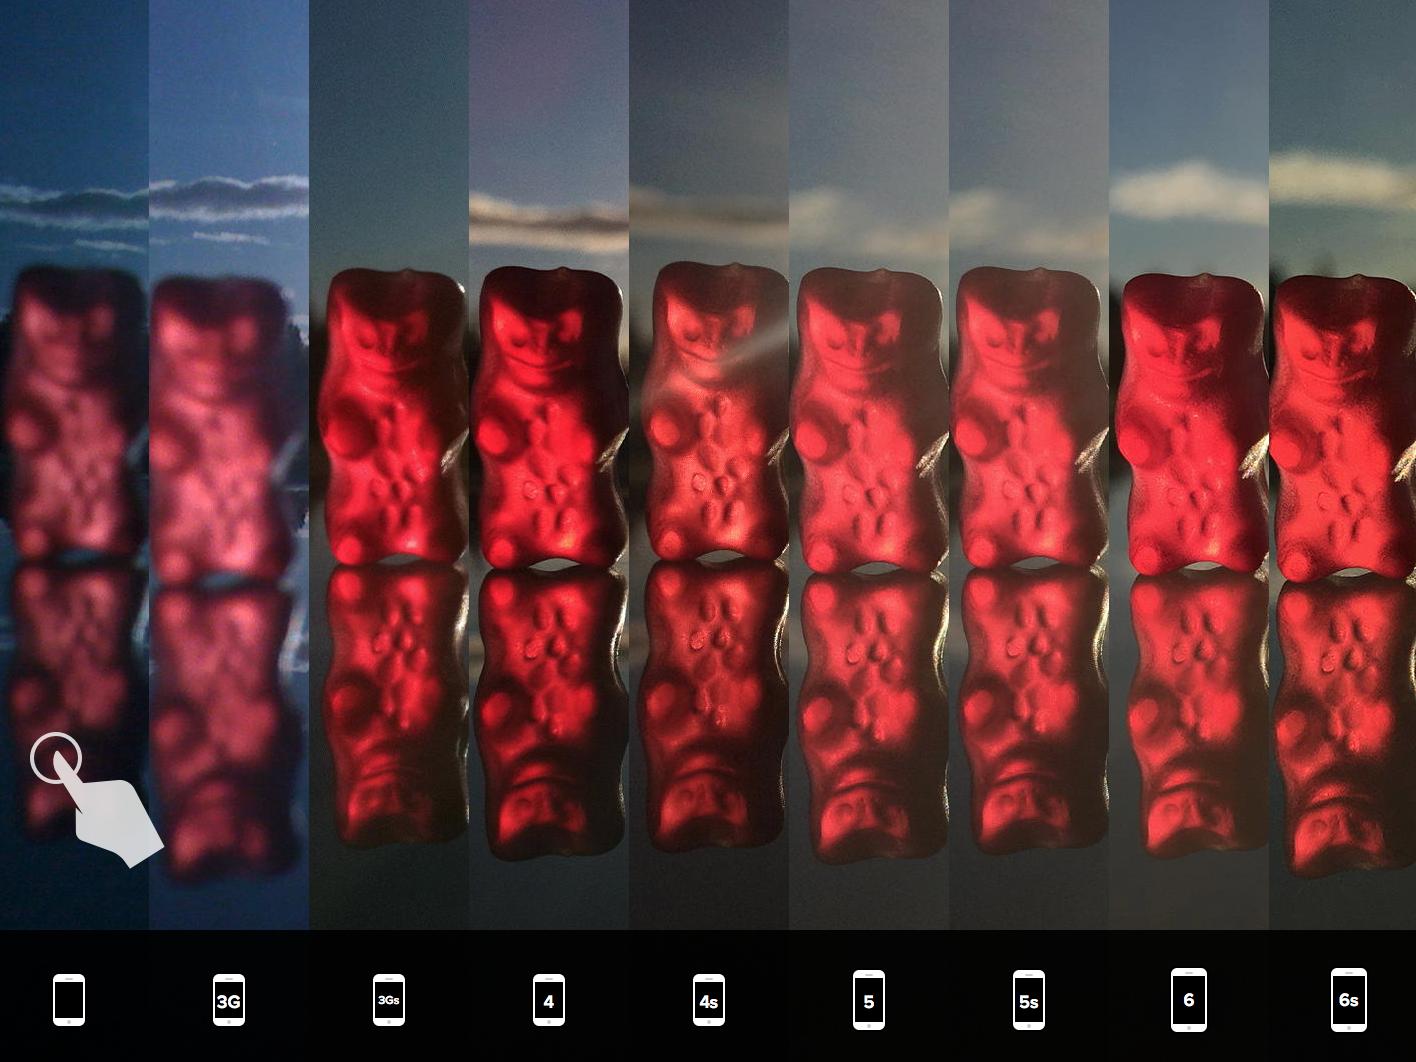 screen-shot-2015-09-29-at-1-55-12-am